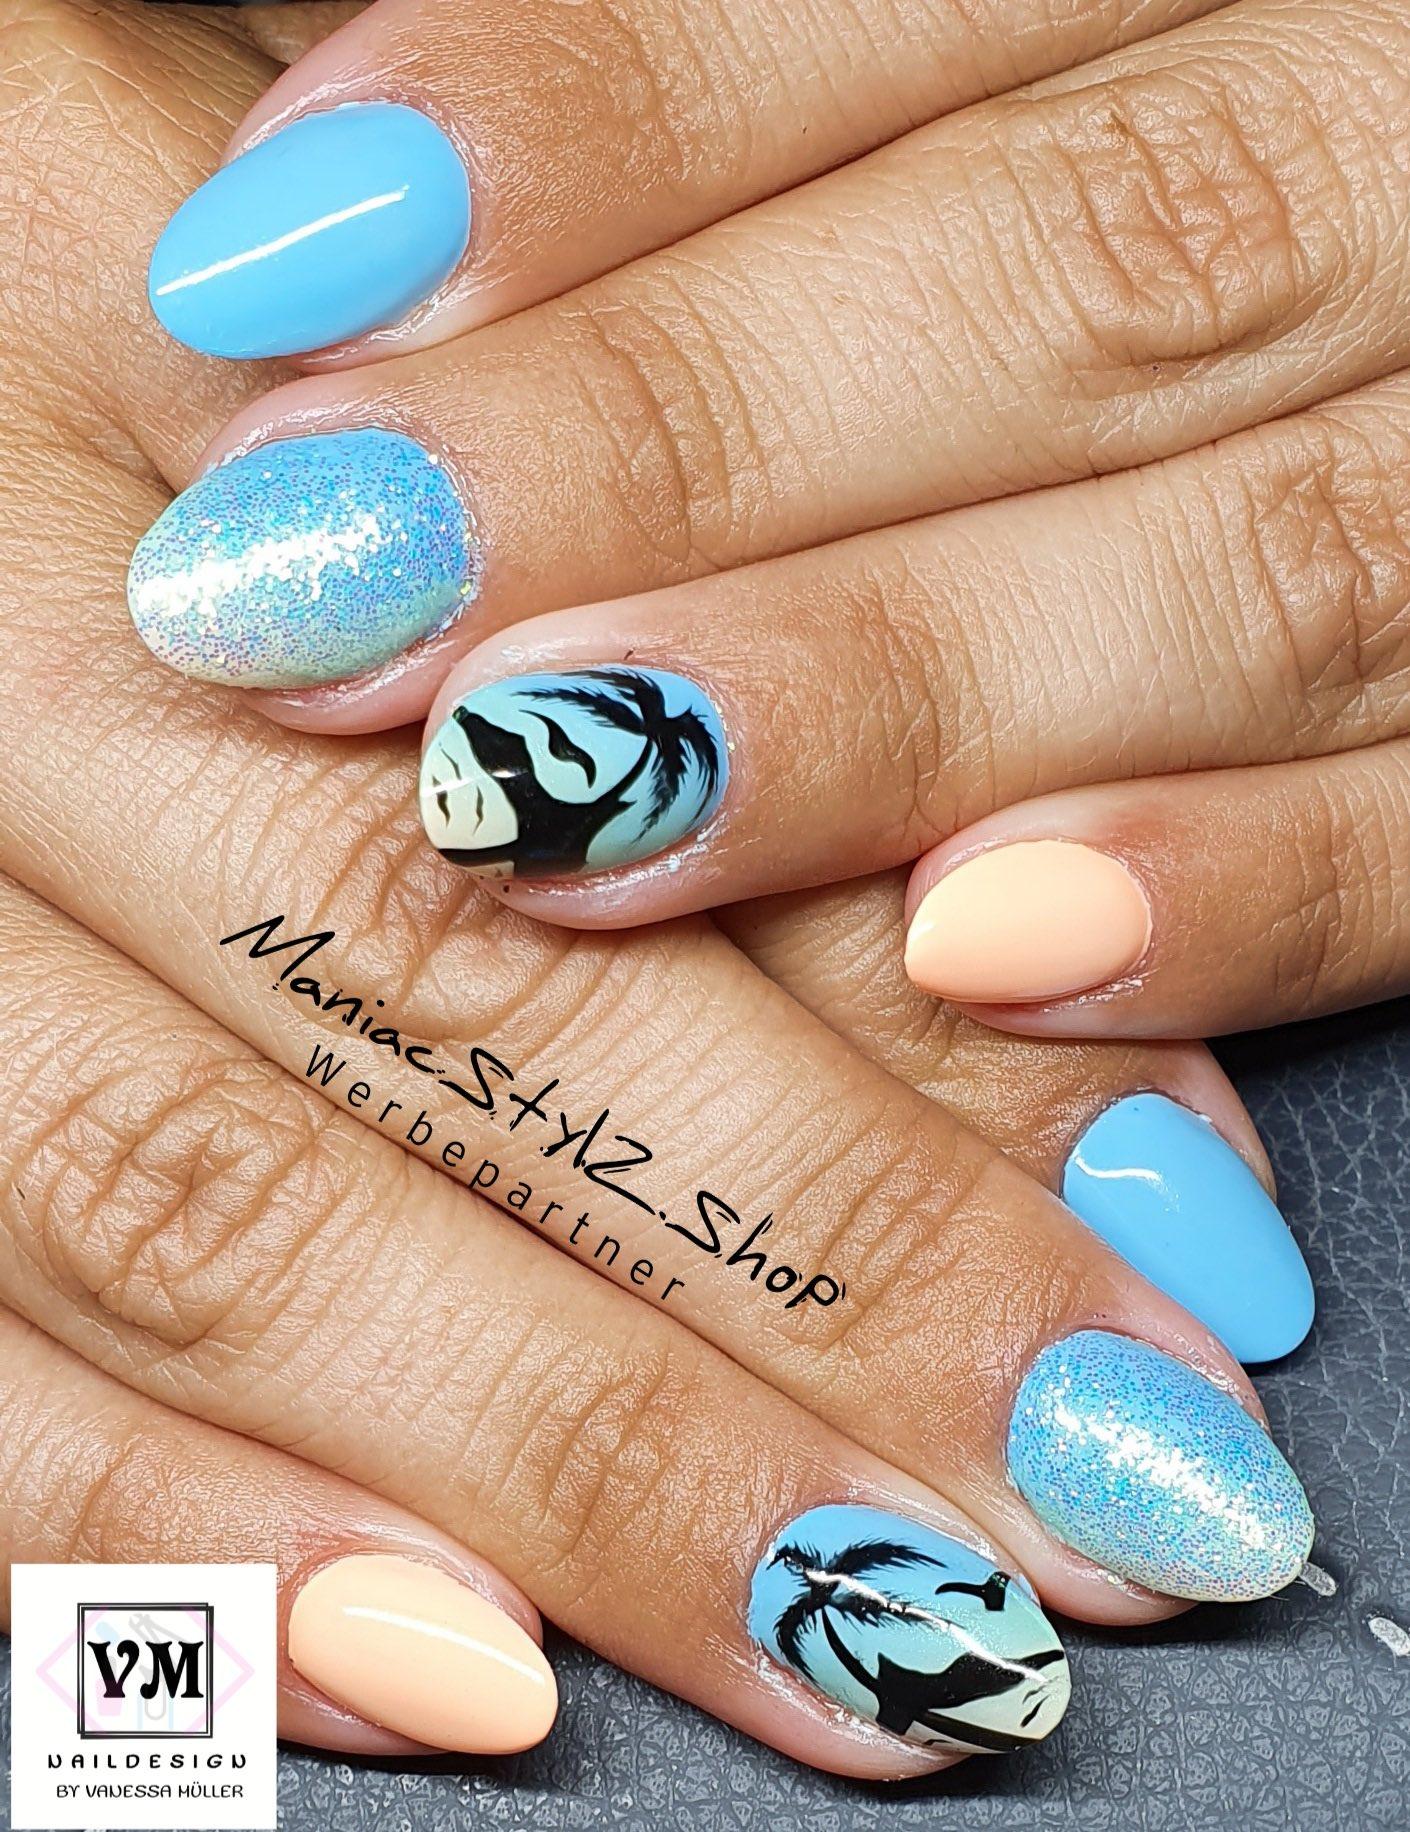 nagel design - maniac stylz 1